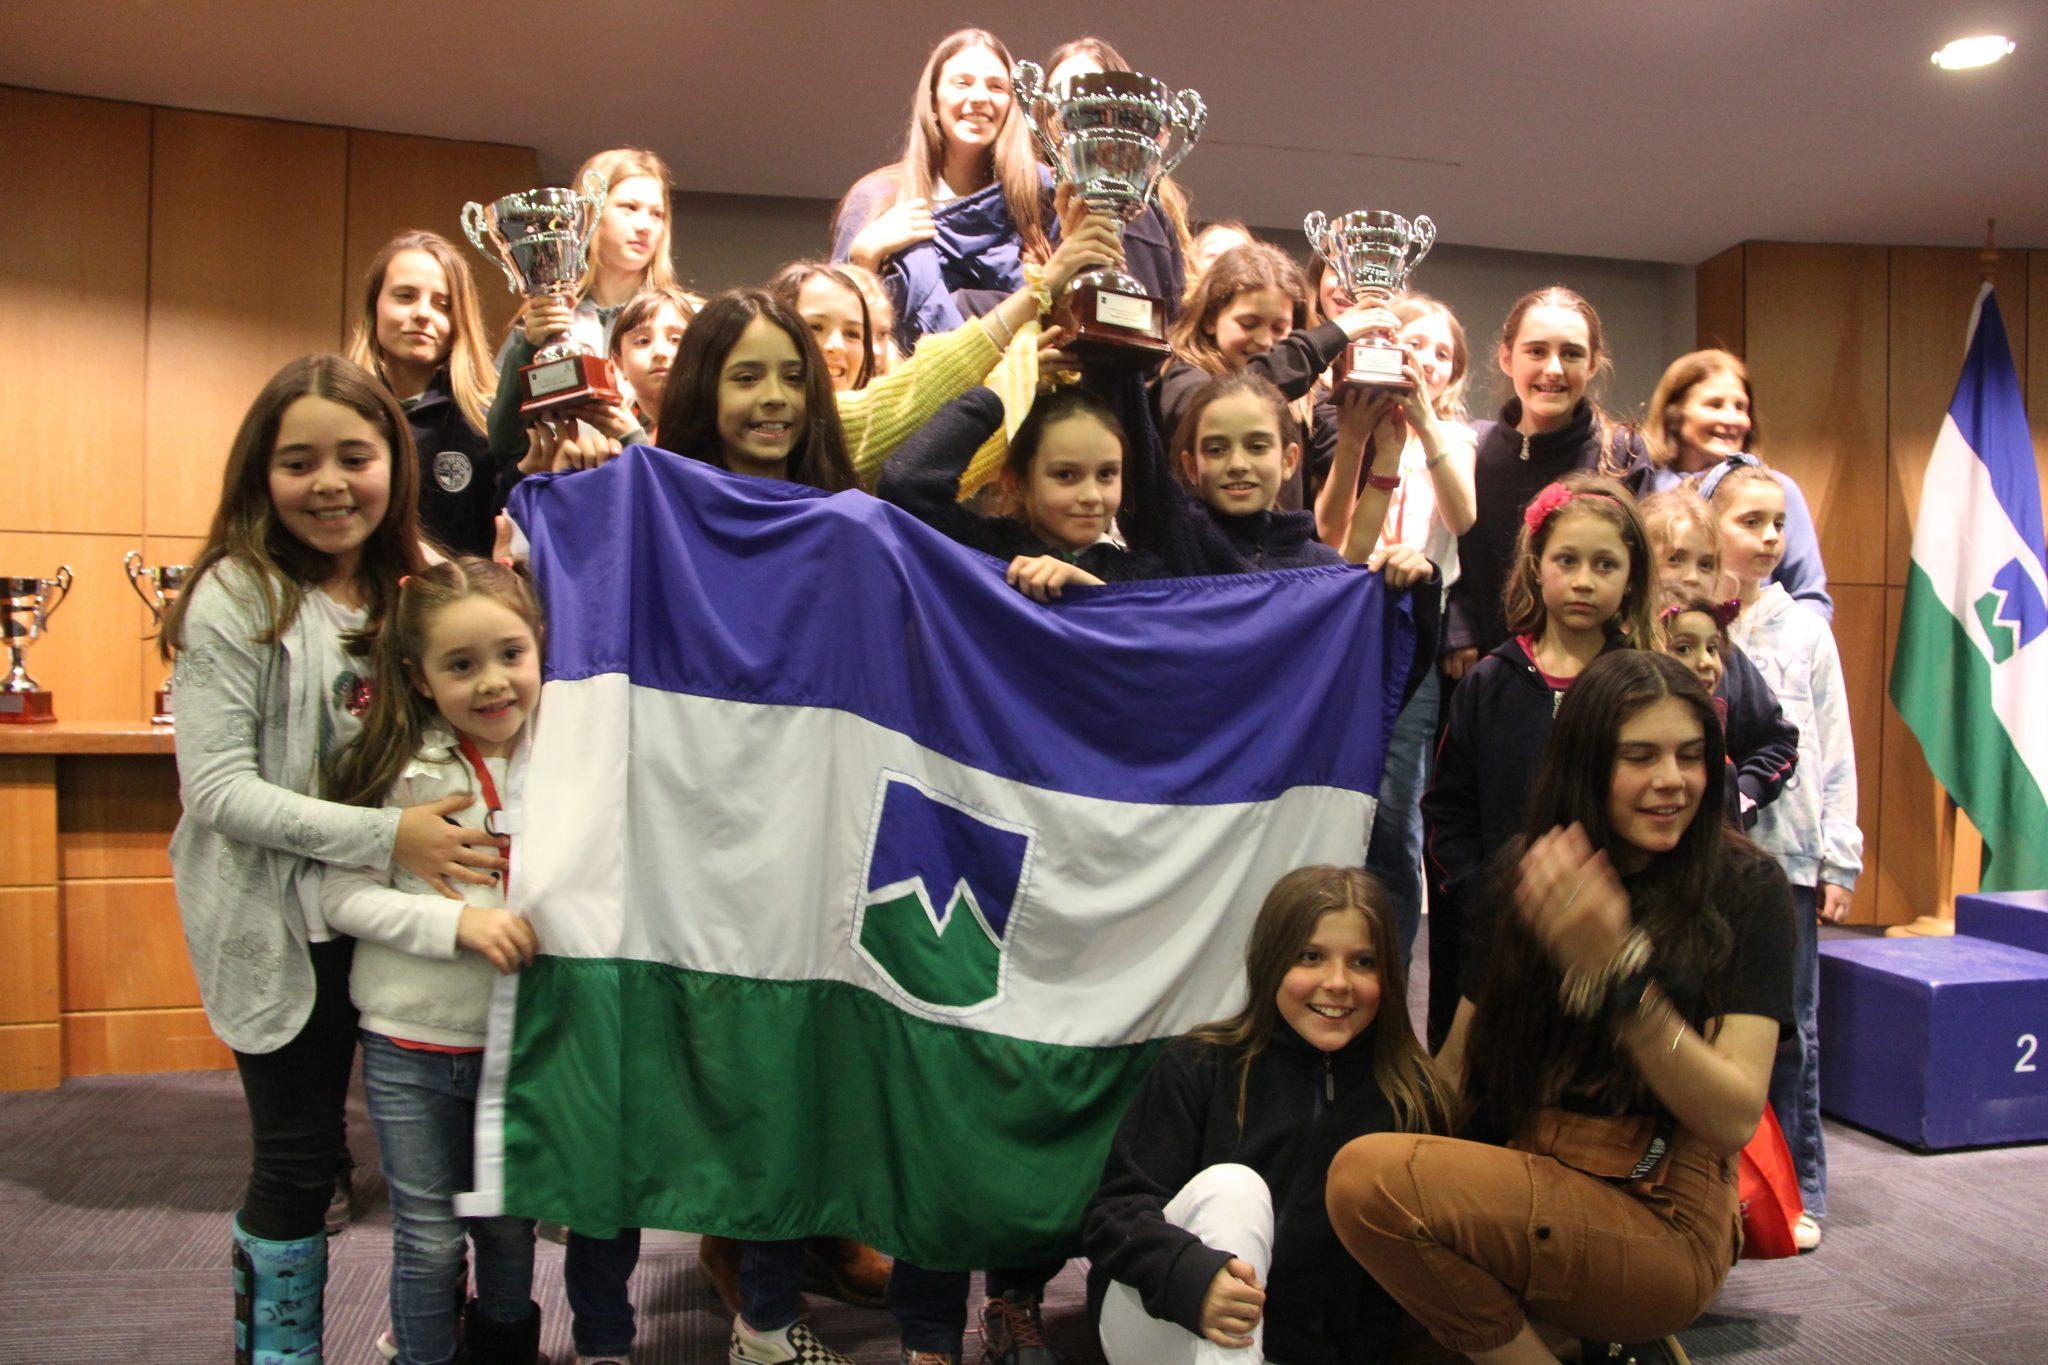 Ceremonia de Premiación Snowland Cup 2019